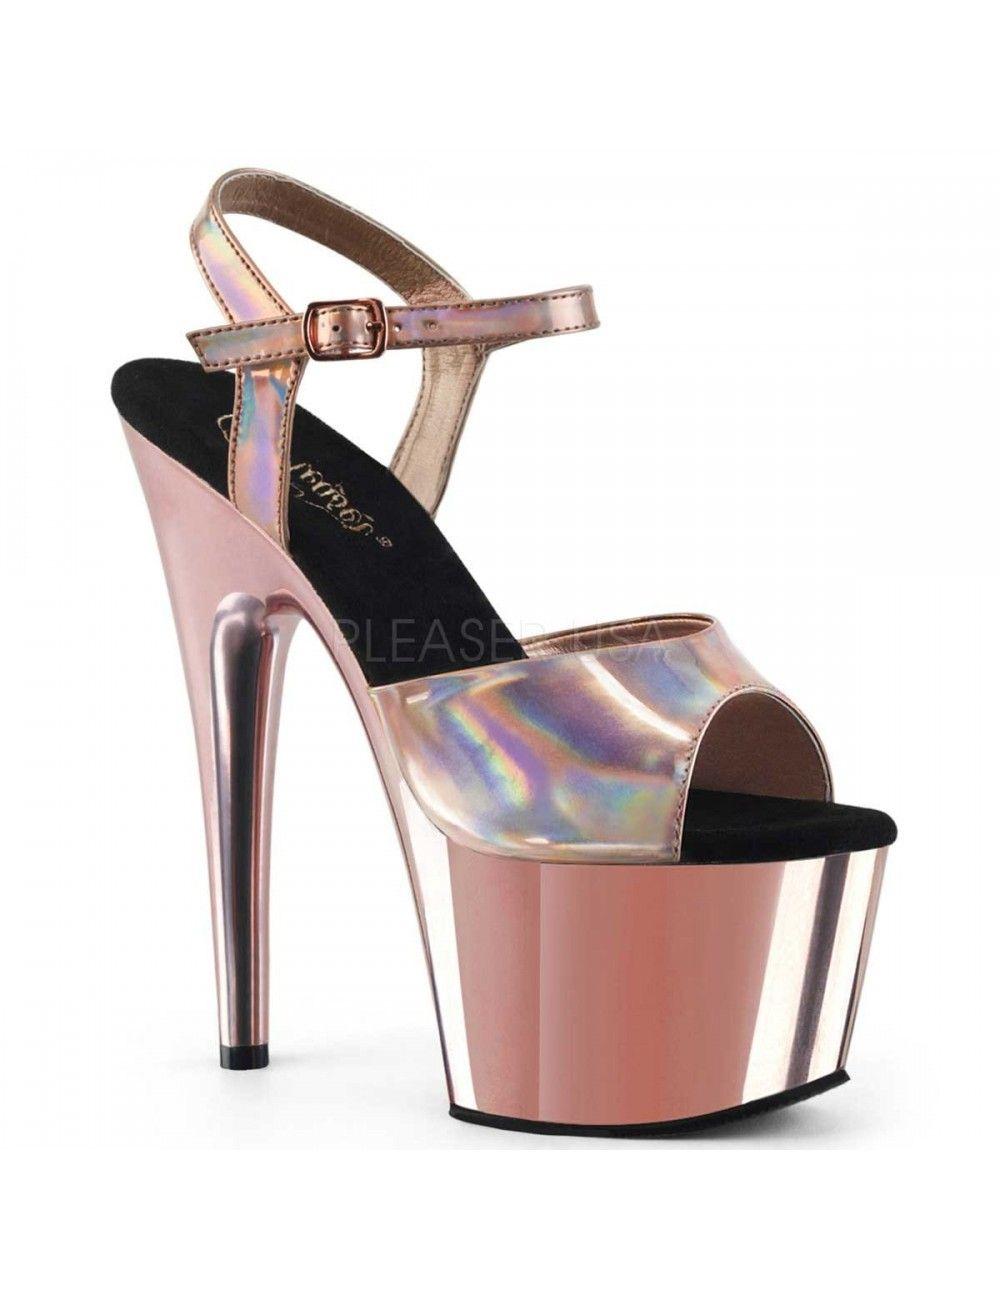 Sandales Talons Vertigineux Rose Or Hologramme PLEASER